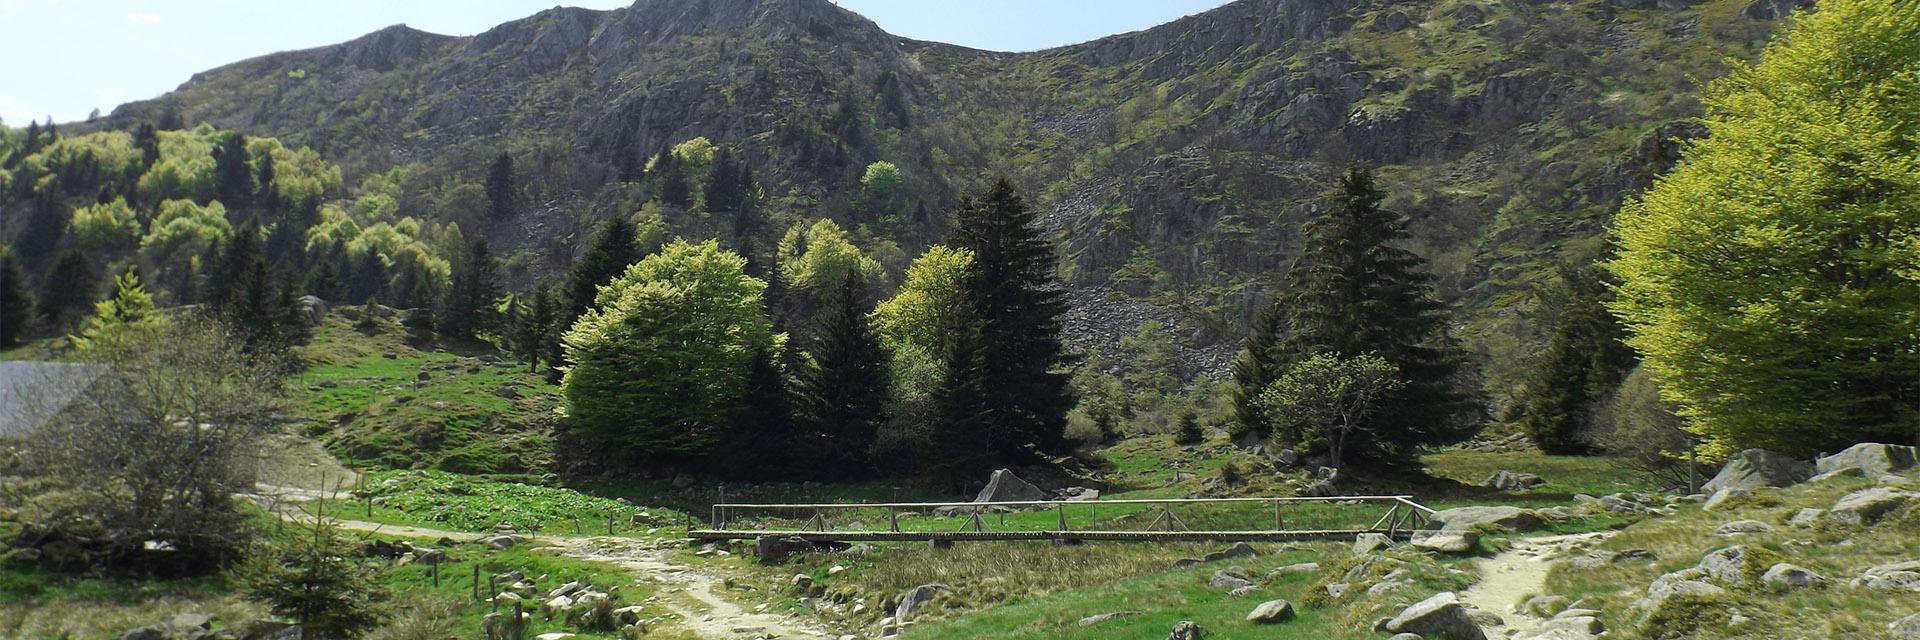 Randonnez dans les Vosges - La Bolle